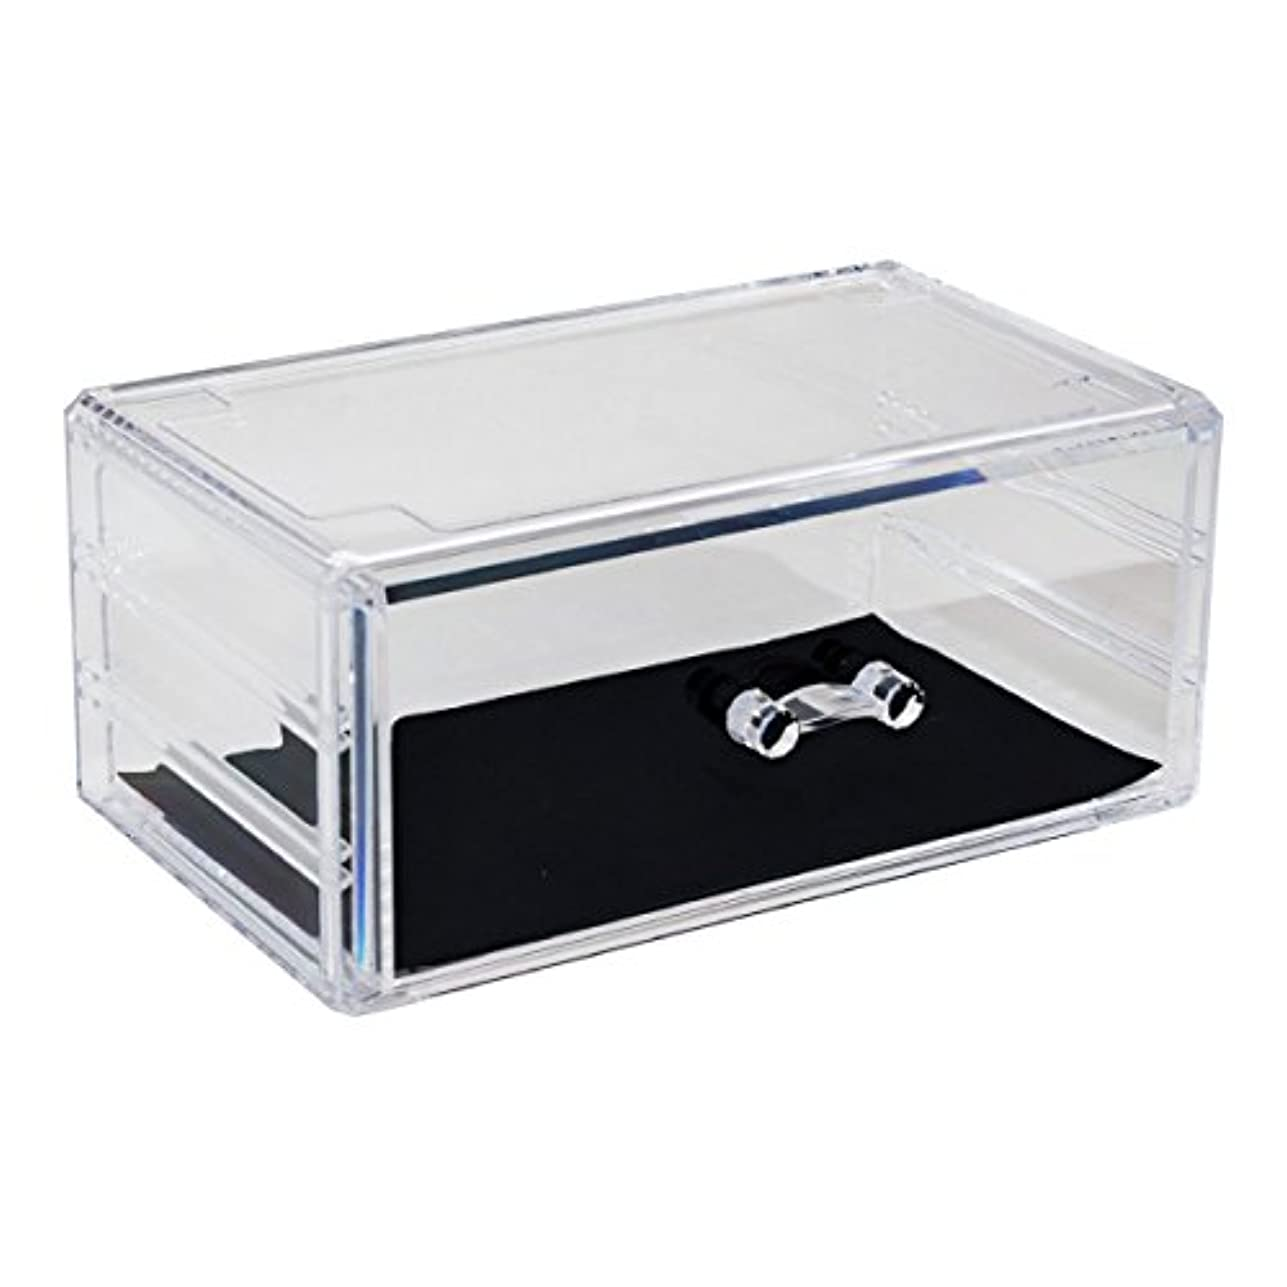 あえぎシプリーマージンアクリルケース 収納ケース 引き出し 1段 コスメボックス Mサイズ 小物 化粧品 ディスプレイ_87245